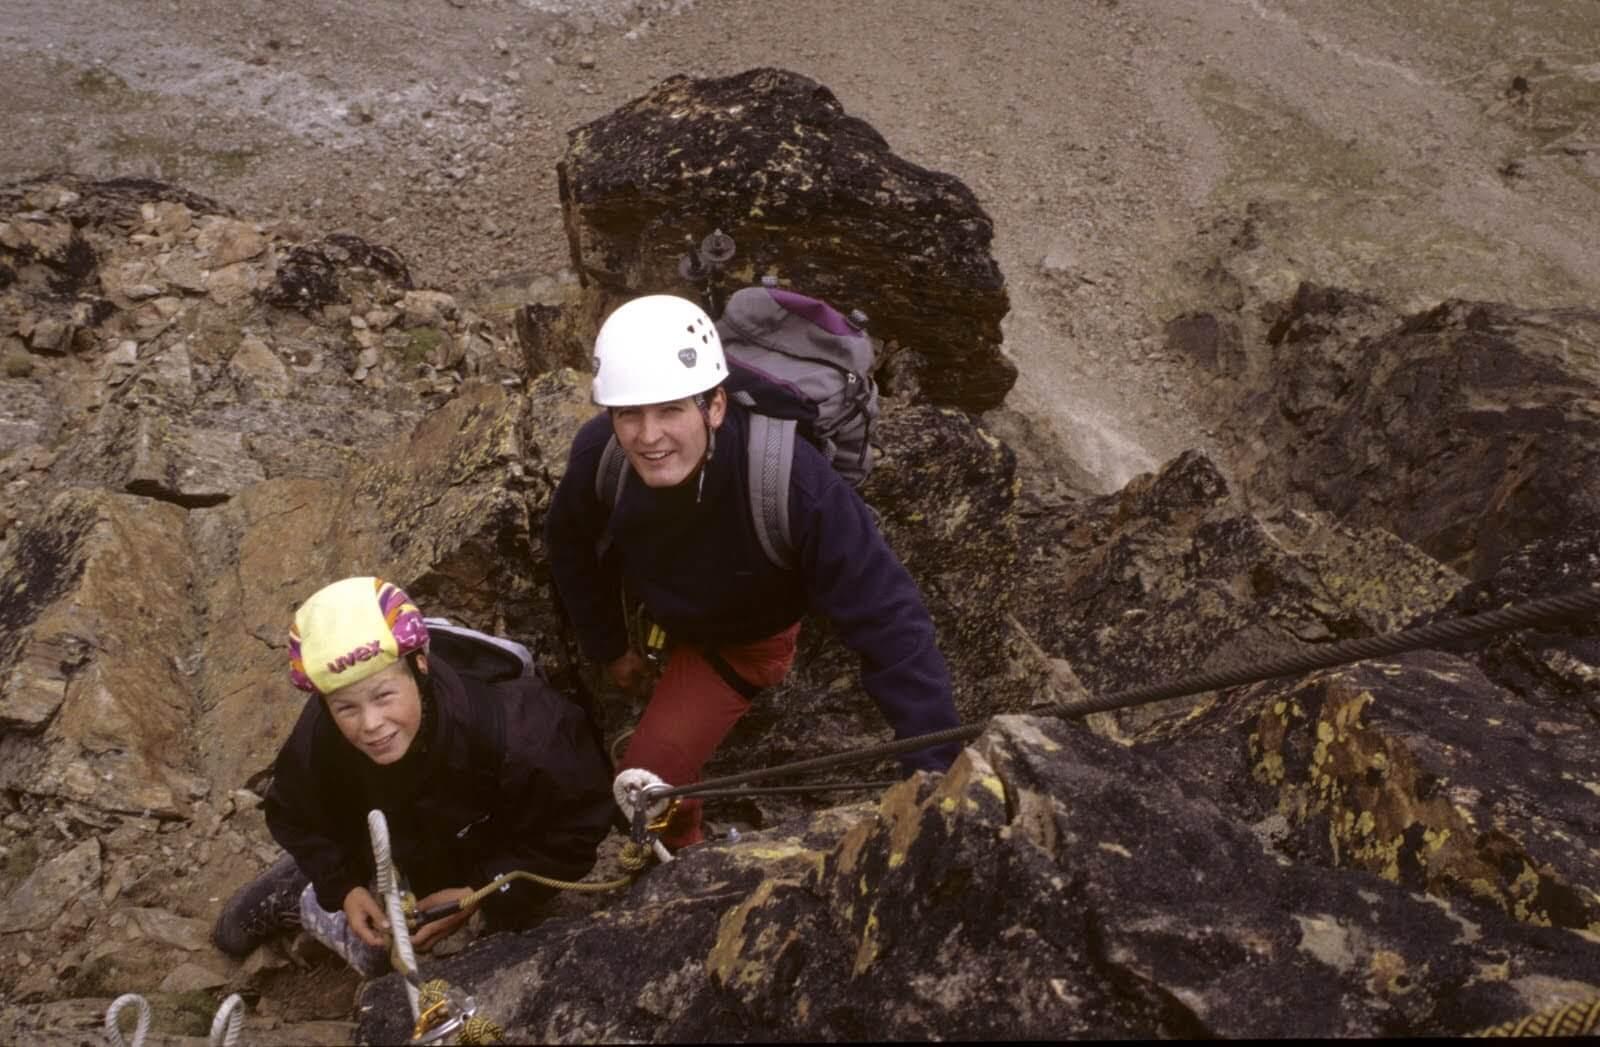 Klettersteig Jegihorn : 31.08.2000 klettersteig jegihorn eingerichtet u2013 sac saas